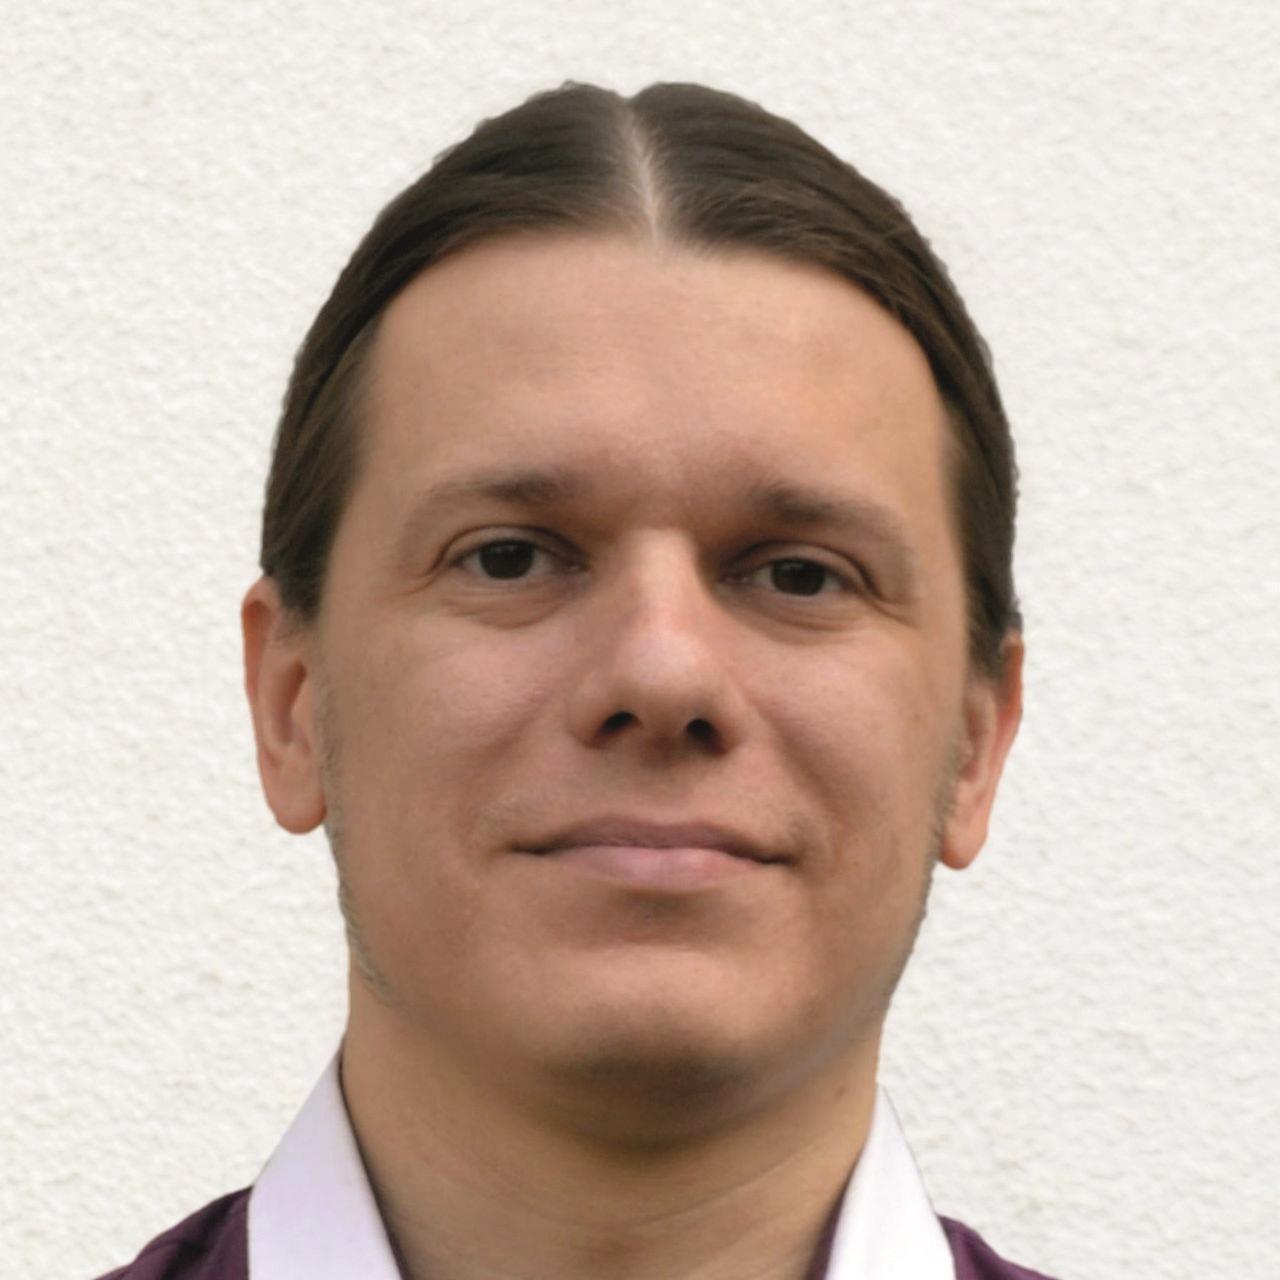 Jakub Marszałkowski